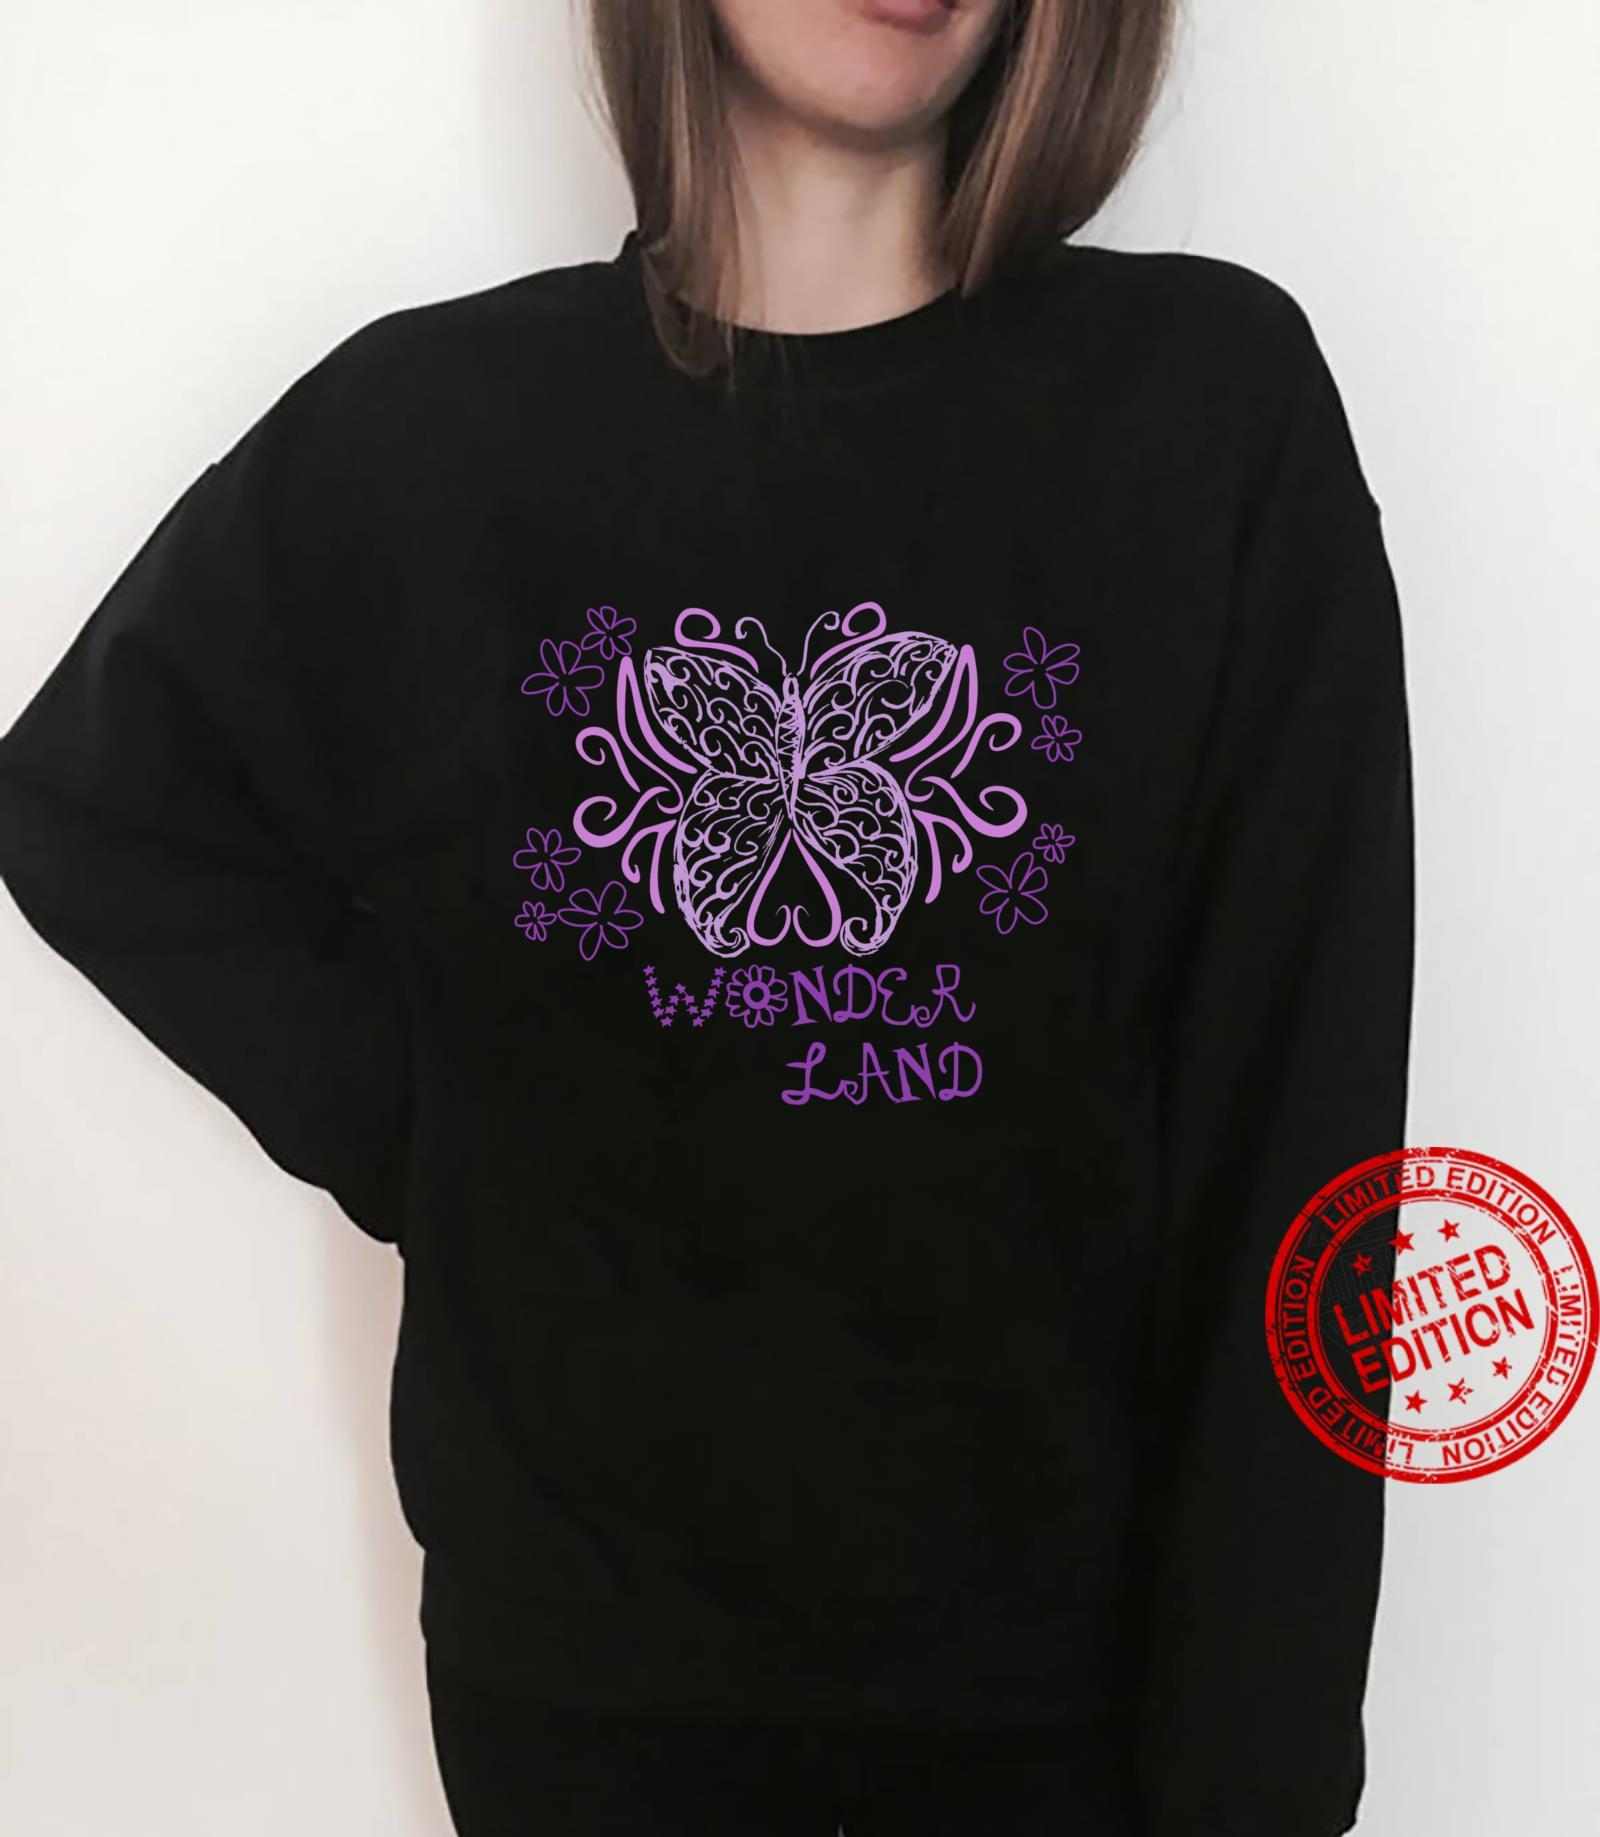 Wonder Flower Butterfly Land Shirt sweater